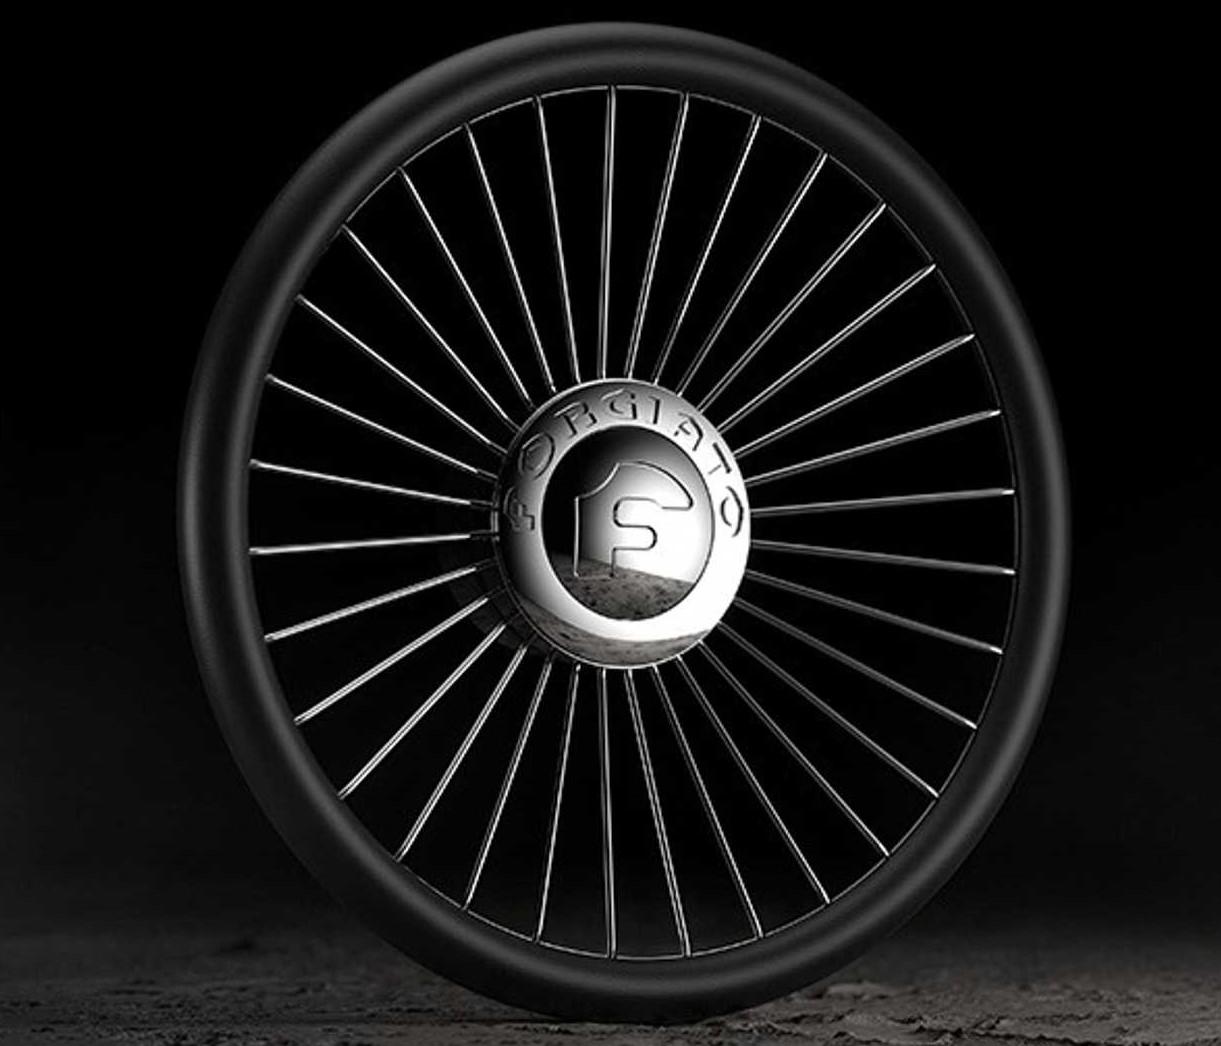 Forgiato-26-Inch-Wheels-2